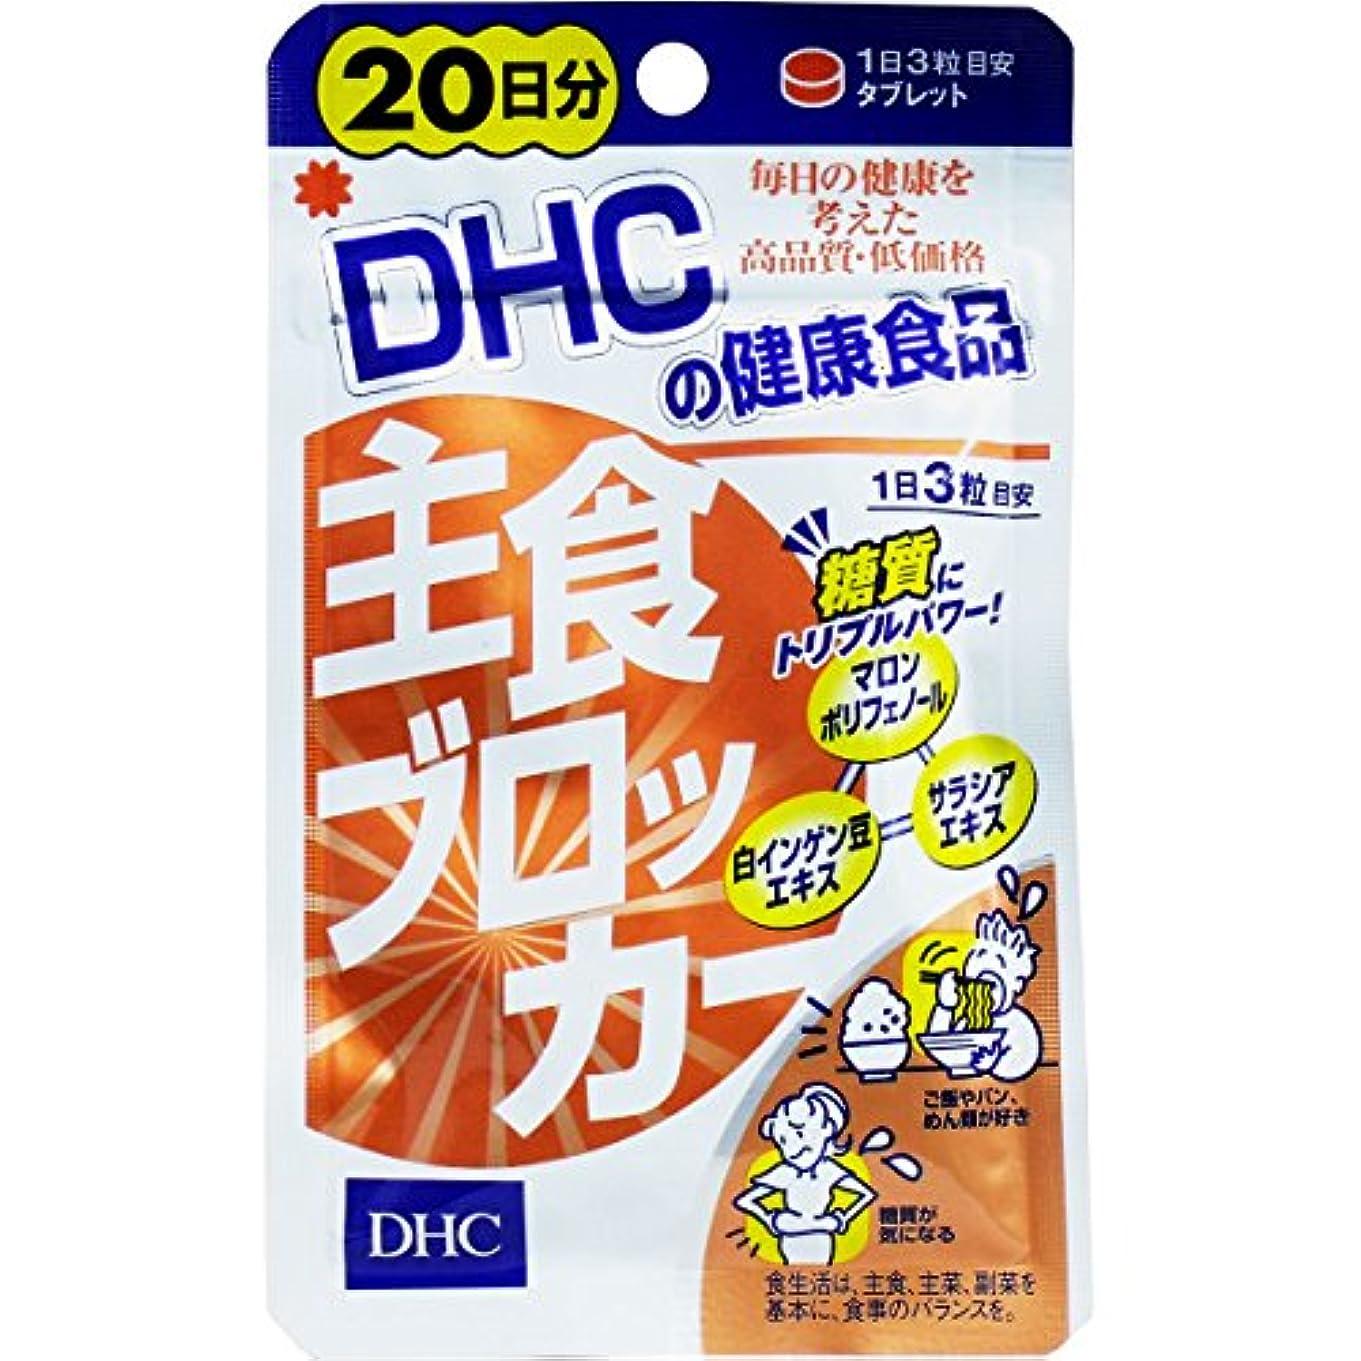 失混雑値するダイエット トリプルパワーでため込み対策 栄養機能食品 DHC 主食ブロッカー 20日分 60粒入【3個セット】